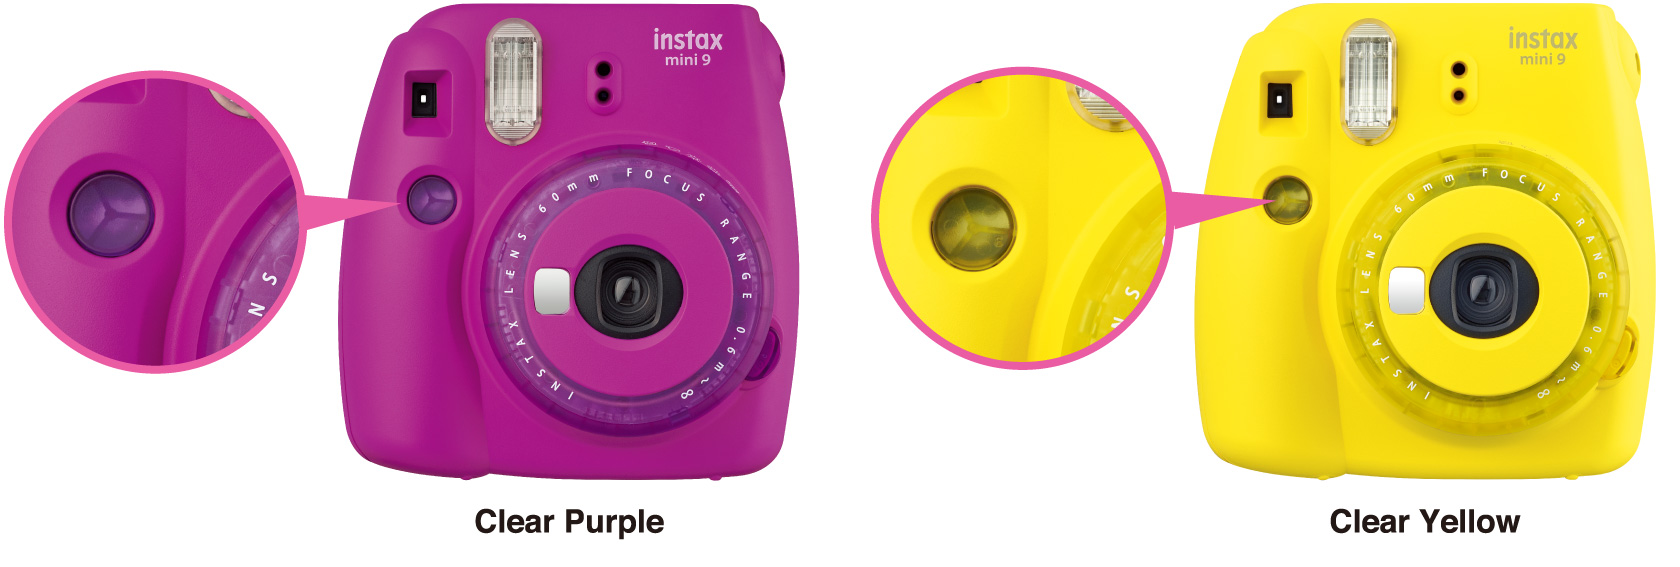 Appareils photo Mini 9 jaune et violet édition limitée